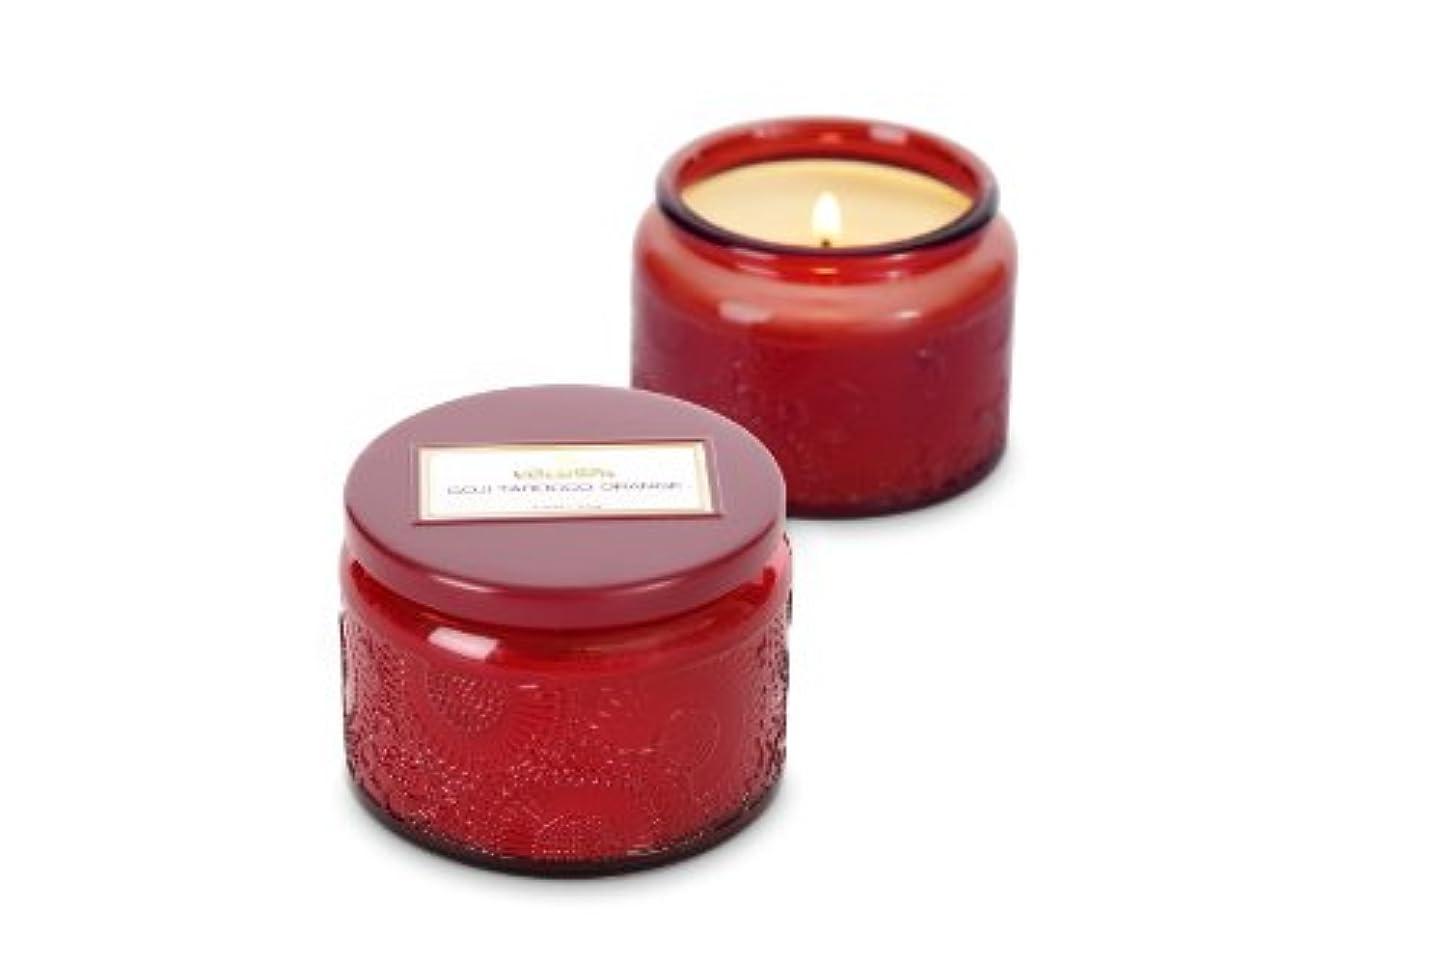 パノラマガイドライン本Voluspa ボルスパ ジャポニカ グラスジャーキャンドル S ゴージ&タロッコオレンジ JAPONICA Glass jar candle GOJI & TAROCCO ORANGE